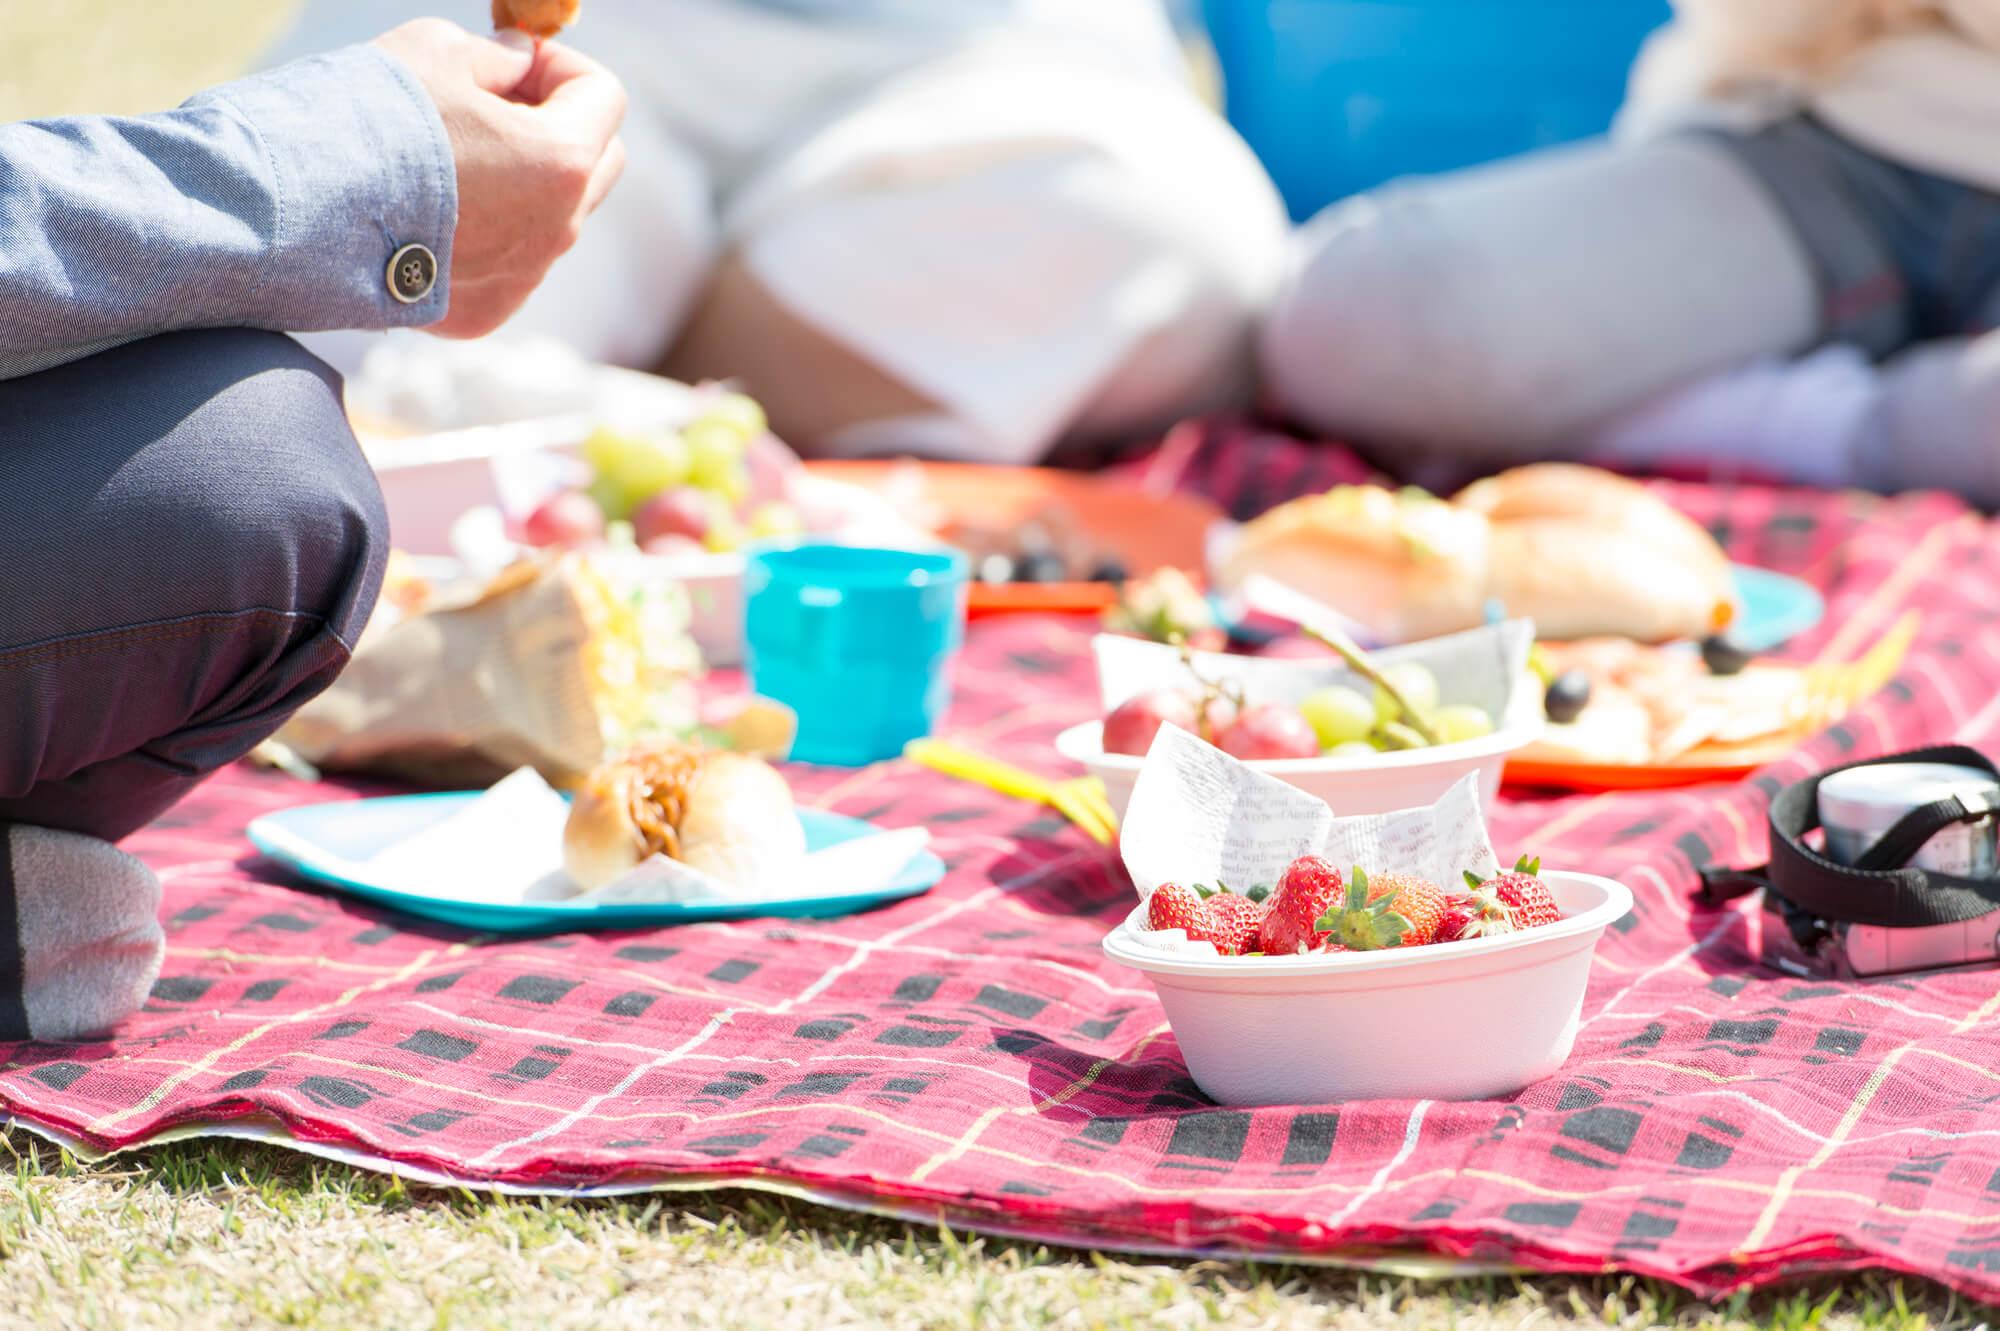 遠足やピクニックに!ハッカ油を使ったお手拭きシートで手軽に除菌